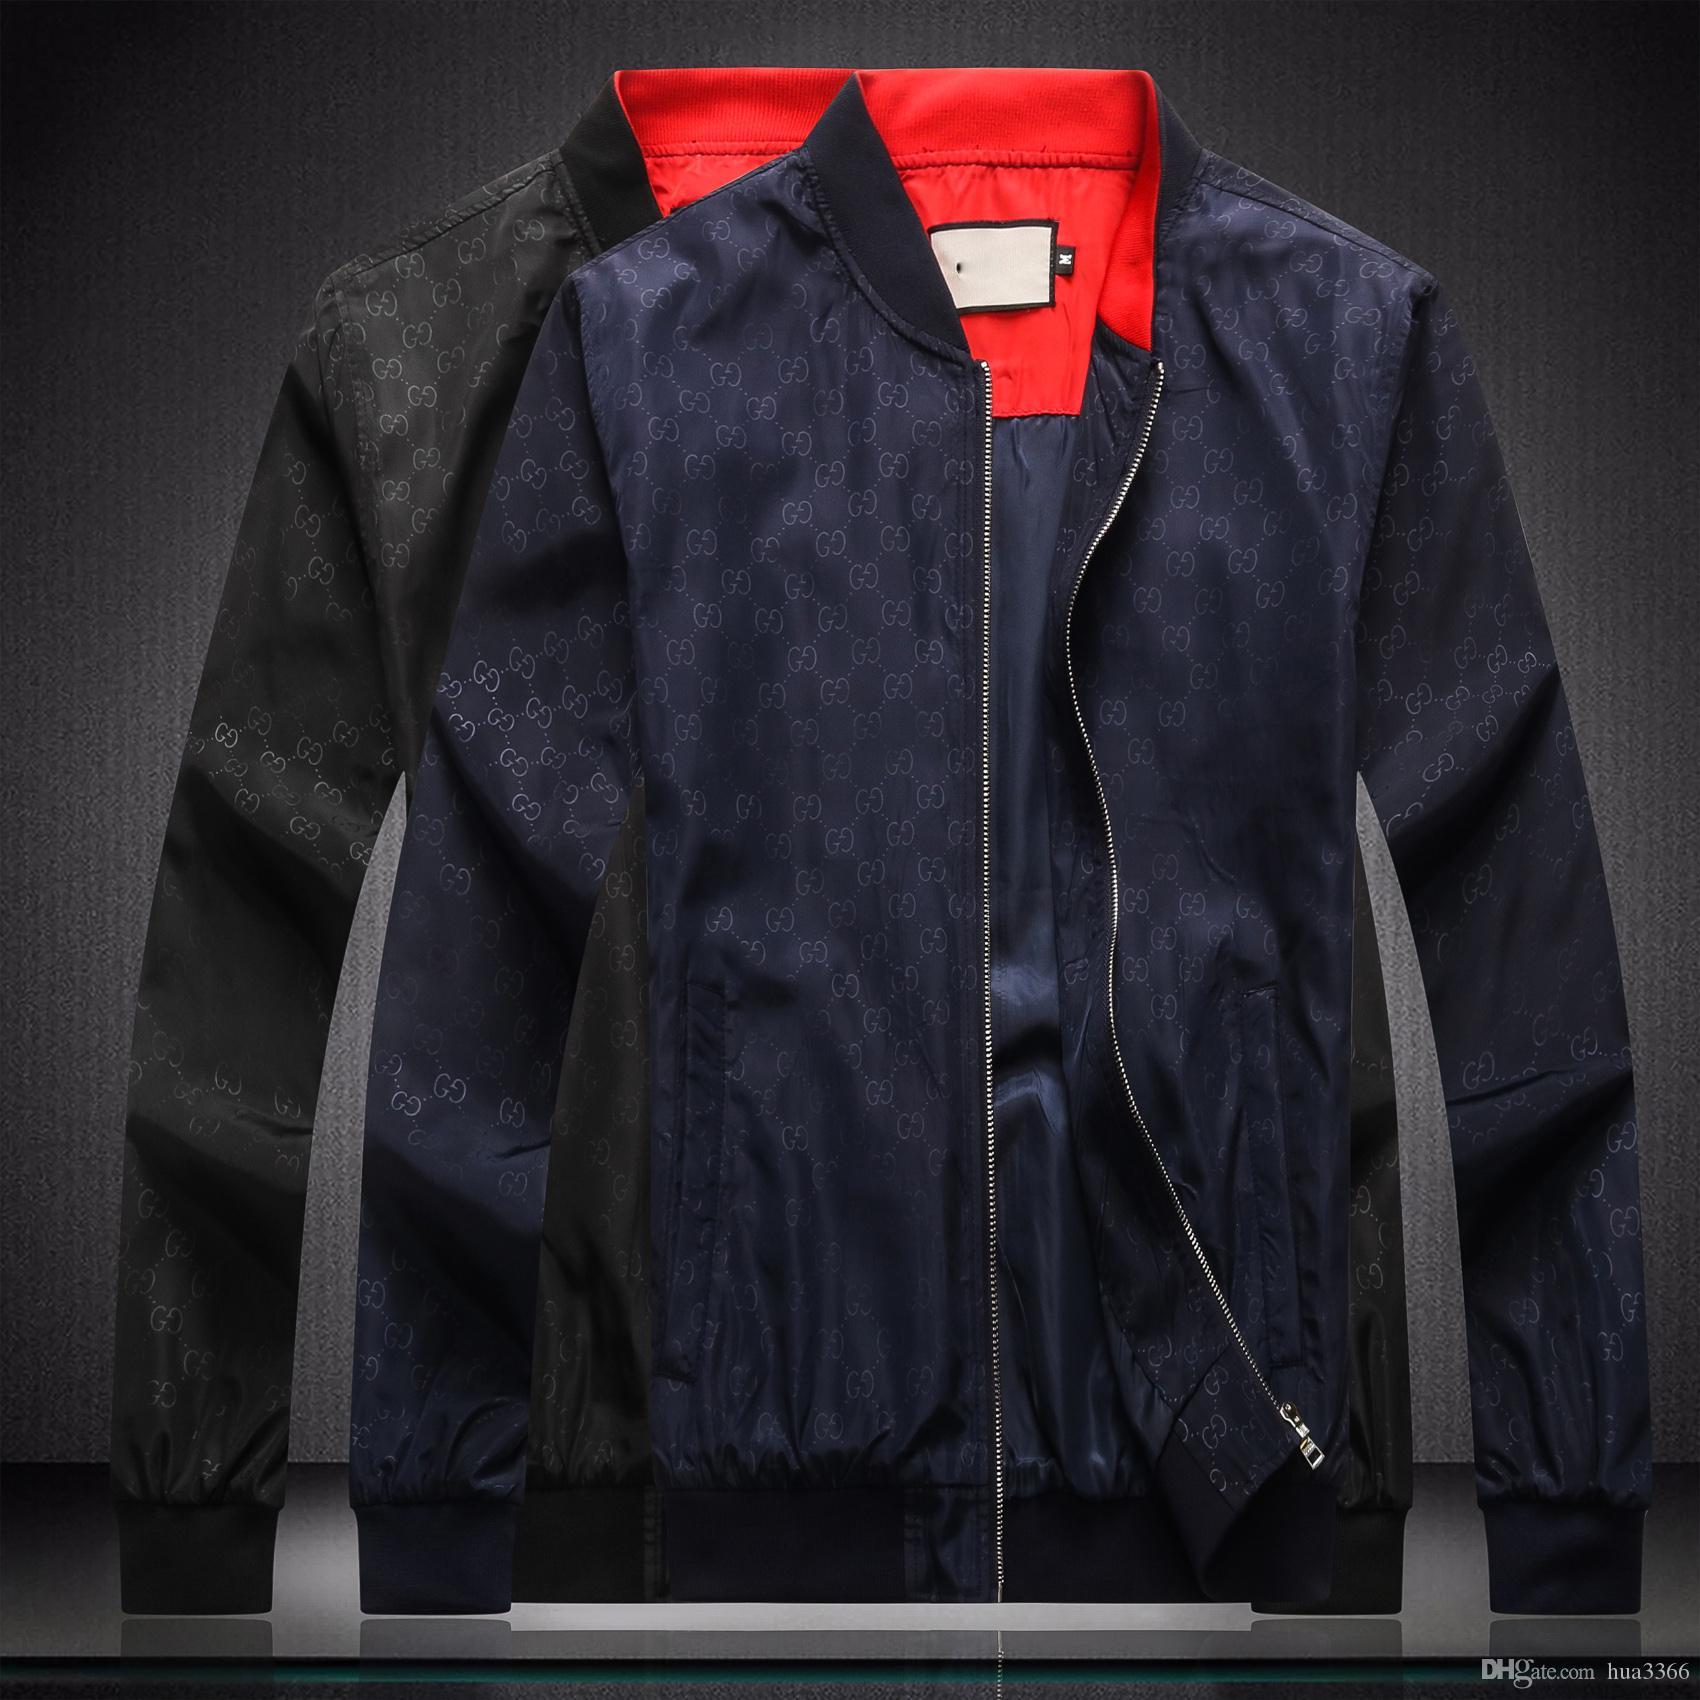 2020 New Style Design Veste d'hiver de luxe Manteau Hommes Femmes manches longues extérieur vêtements pour hommes Vêtements pour femmes Vêtements Medusa Veste M-3XL